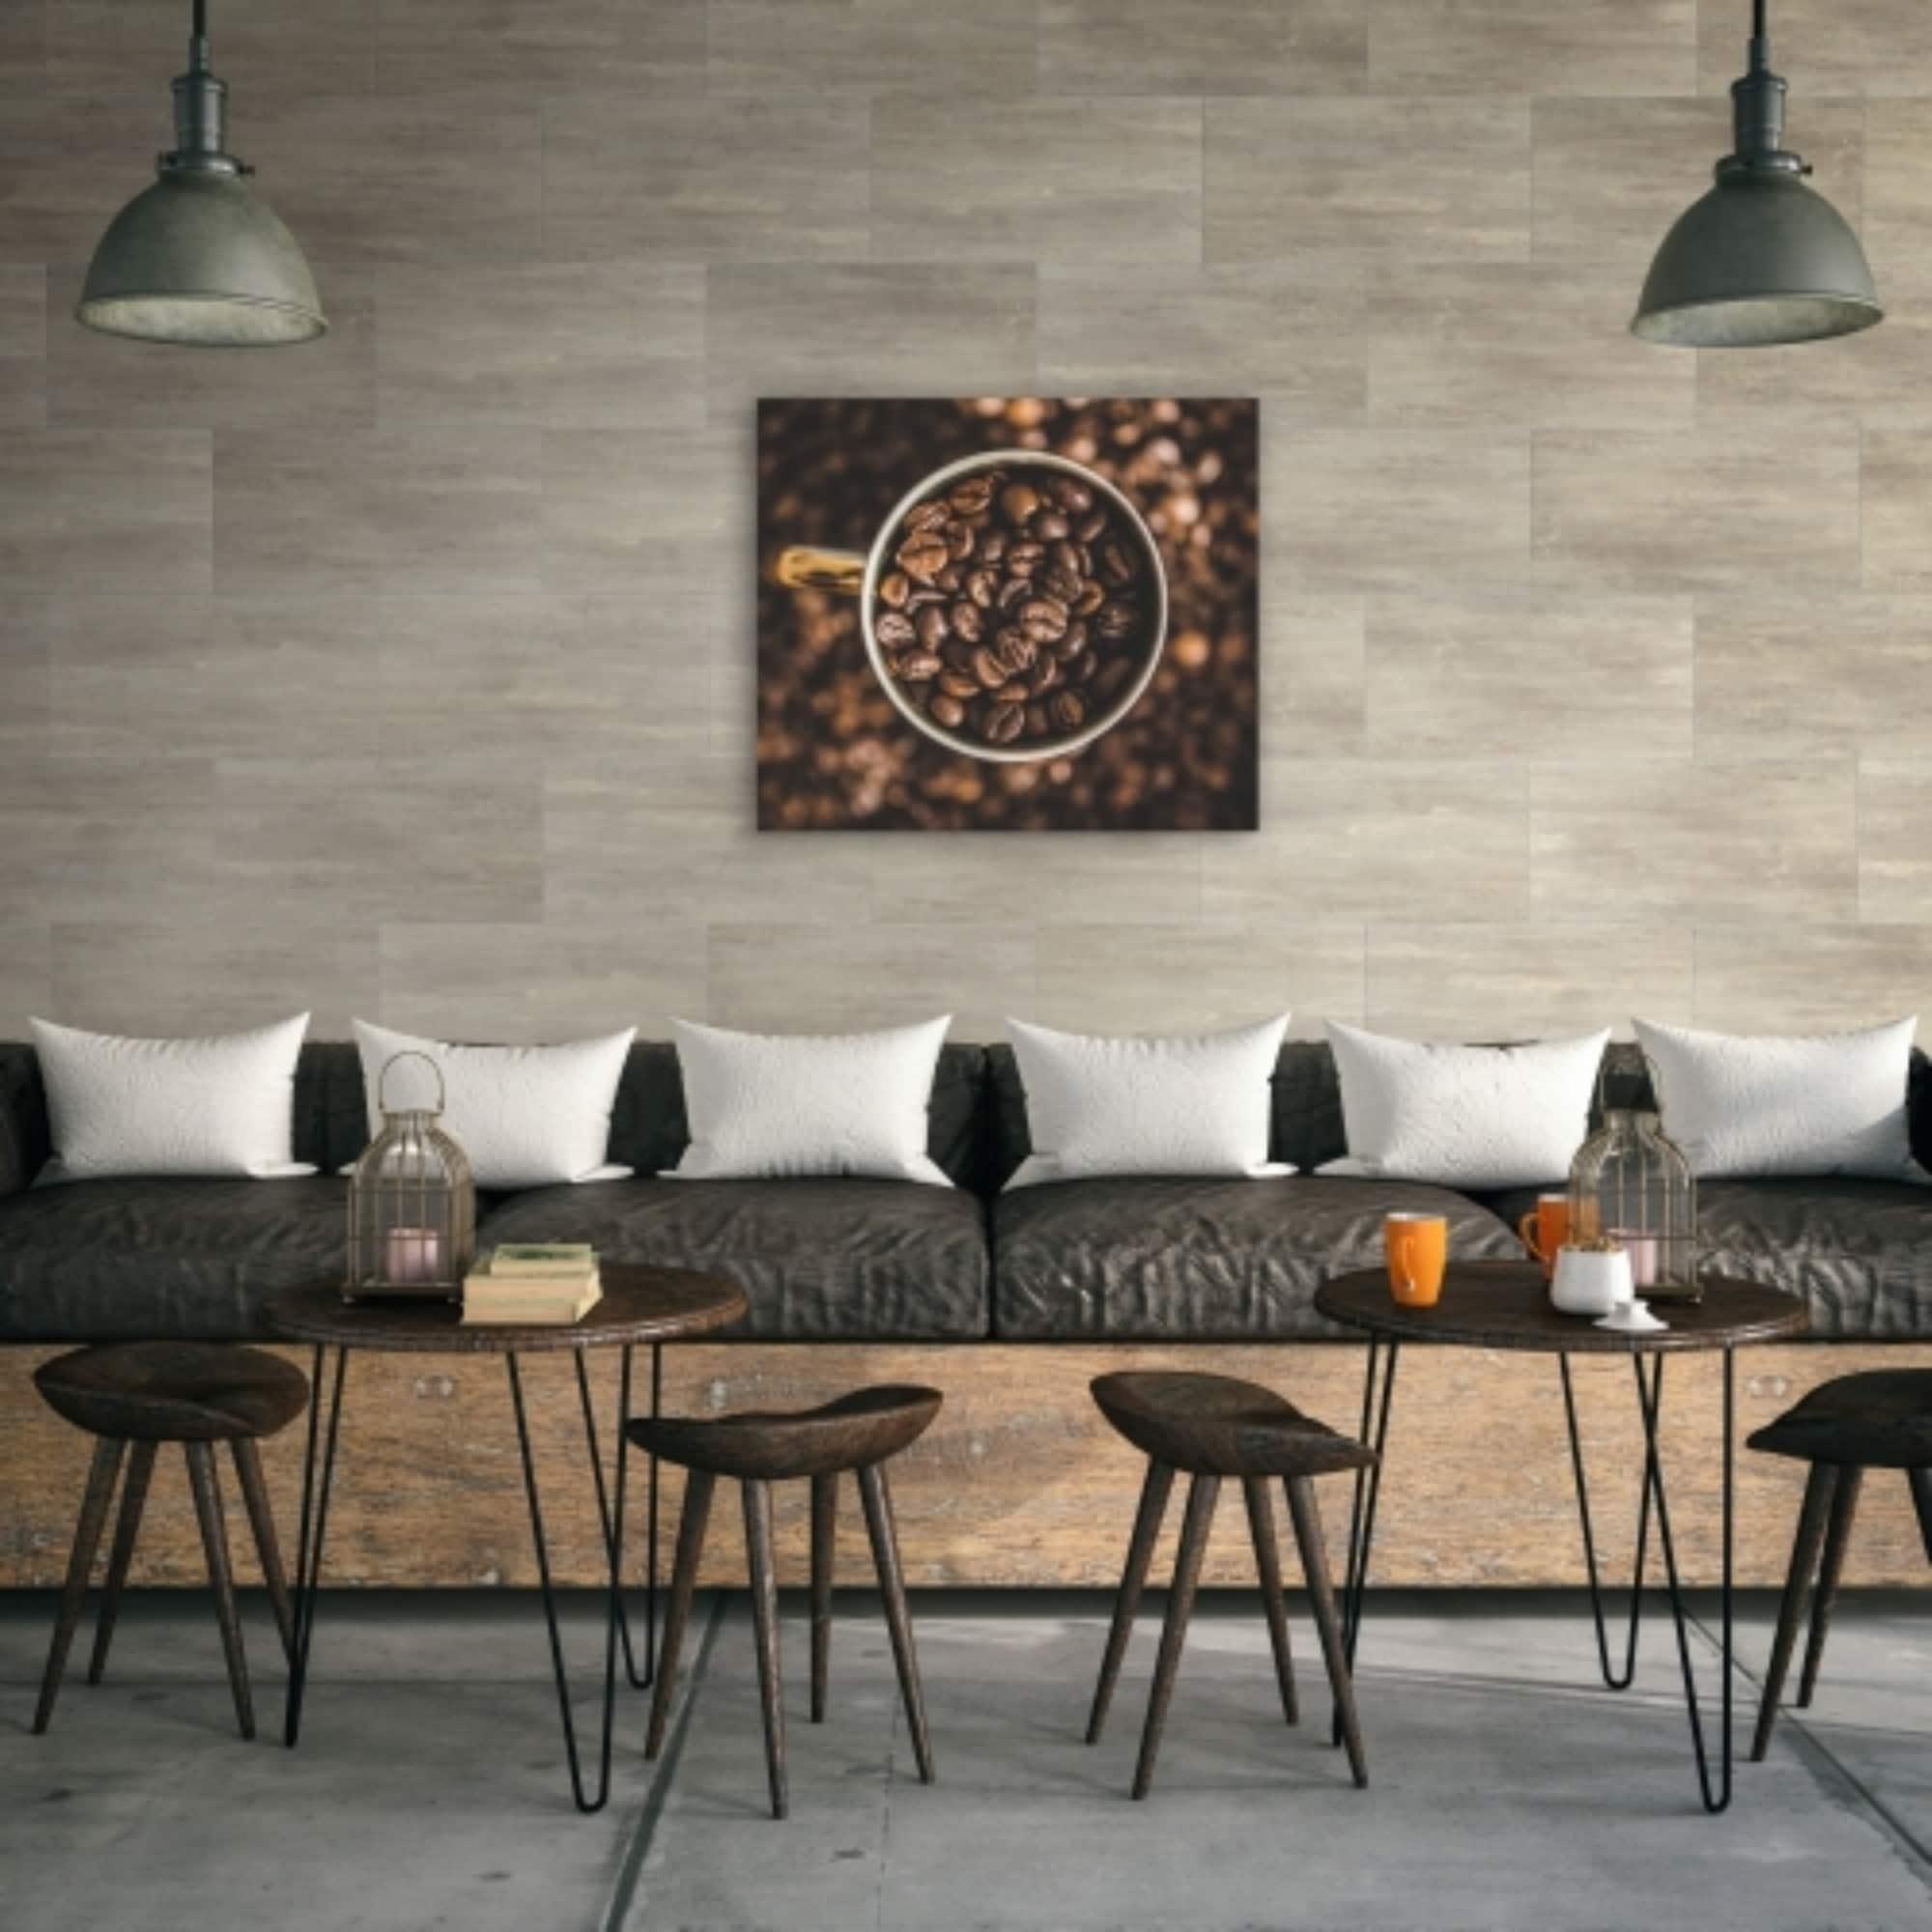 Shop Mats Inc Xcore Ascend Stone Wall Tile 12 X 24 10 Tiles